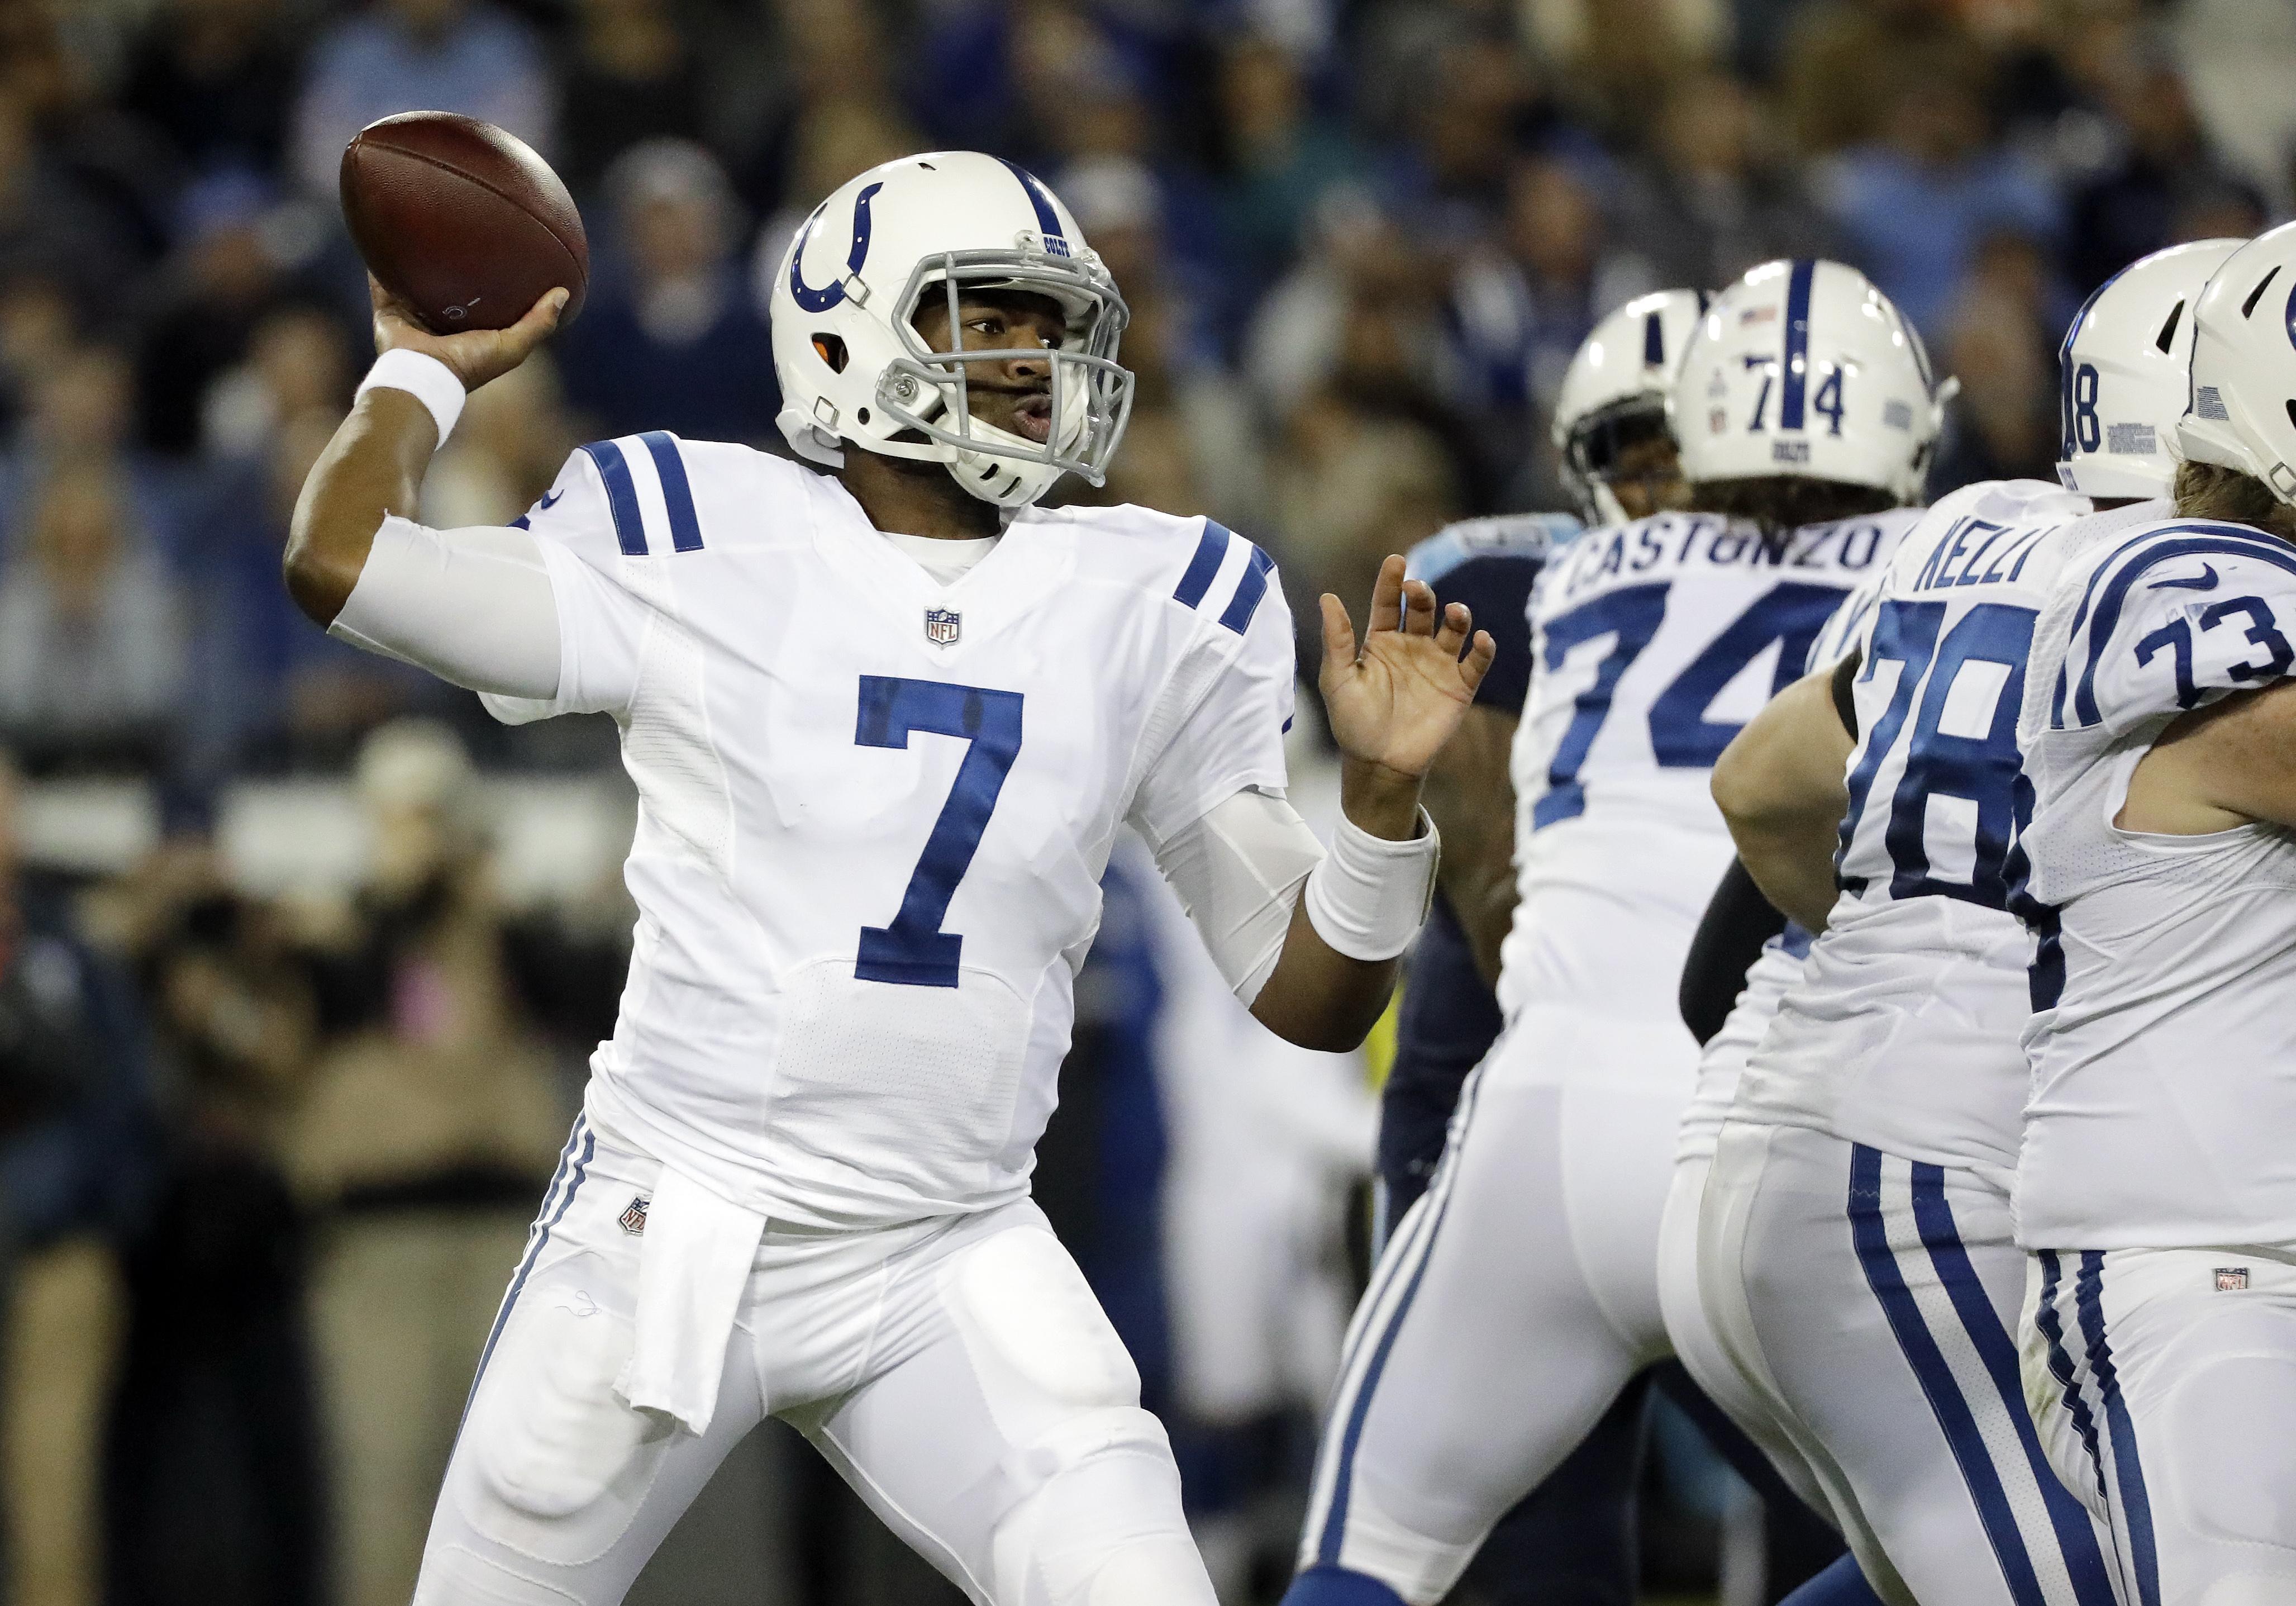 Colts_titans_football_43996